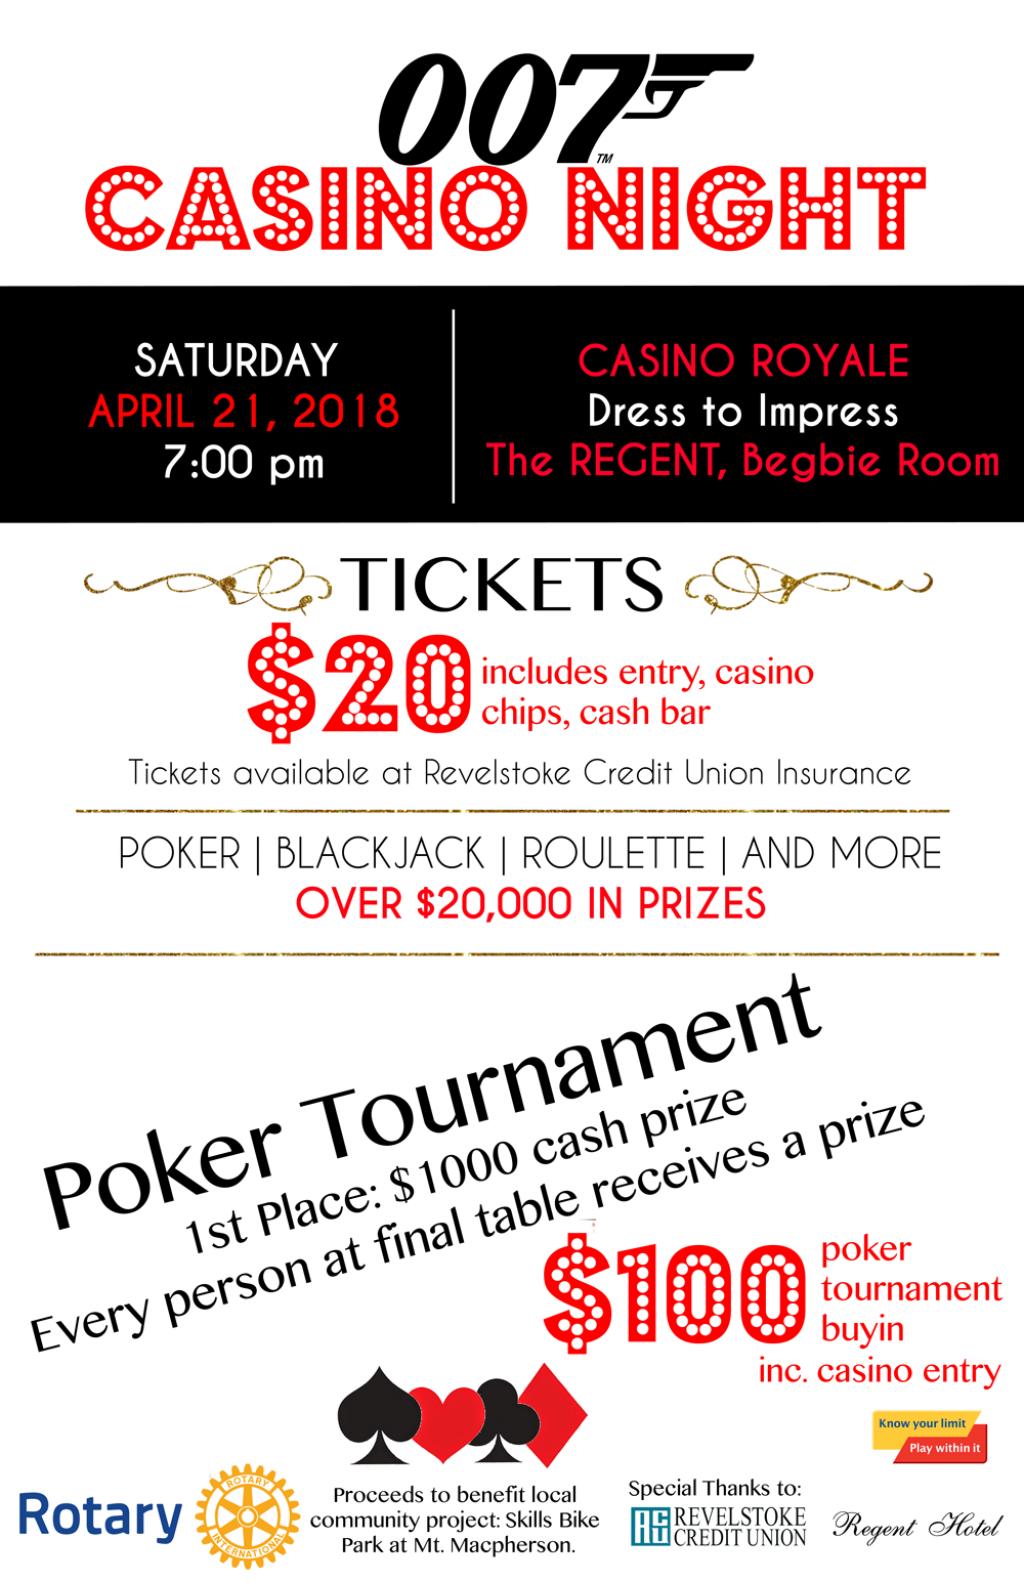 Revelstoke Rotary Casino Night and Poker Tournamnet